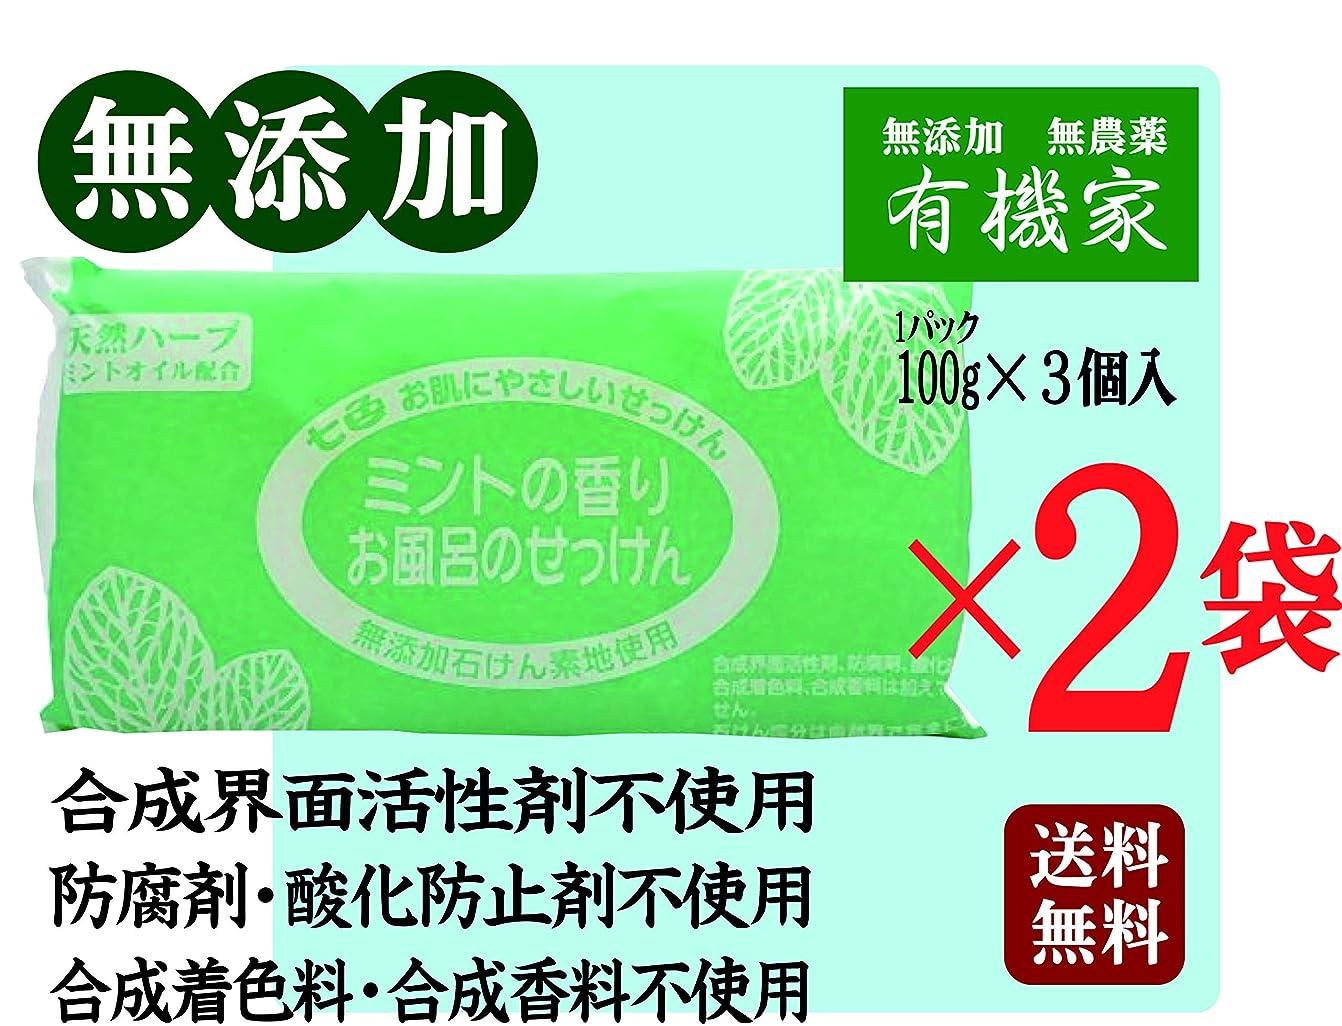 必要性乳製品政権無添加 石鹸 七色 お風呂の せっけん ミントの香り (100g×3個入)×2パック★送料無料 ネコポス便で配送★お肌にやさしい石鹸です。無添加石けん素地使用。合成界面活性剤、防腐剤、酸化防止剤、合成着色料、合成香料は加えておりません。石けん成分は自然で完全に分離されます。天然ミントオイルを配合。洗顔の後やお風呂上がりがとてもさわやかです。